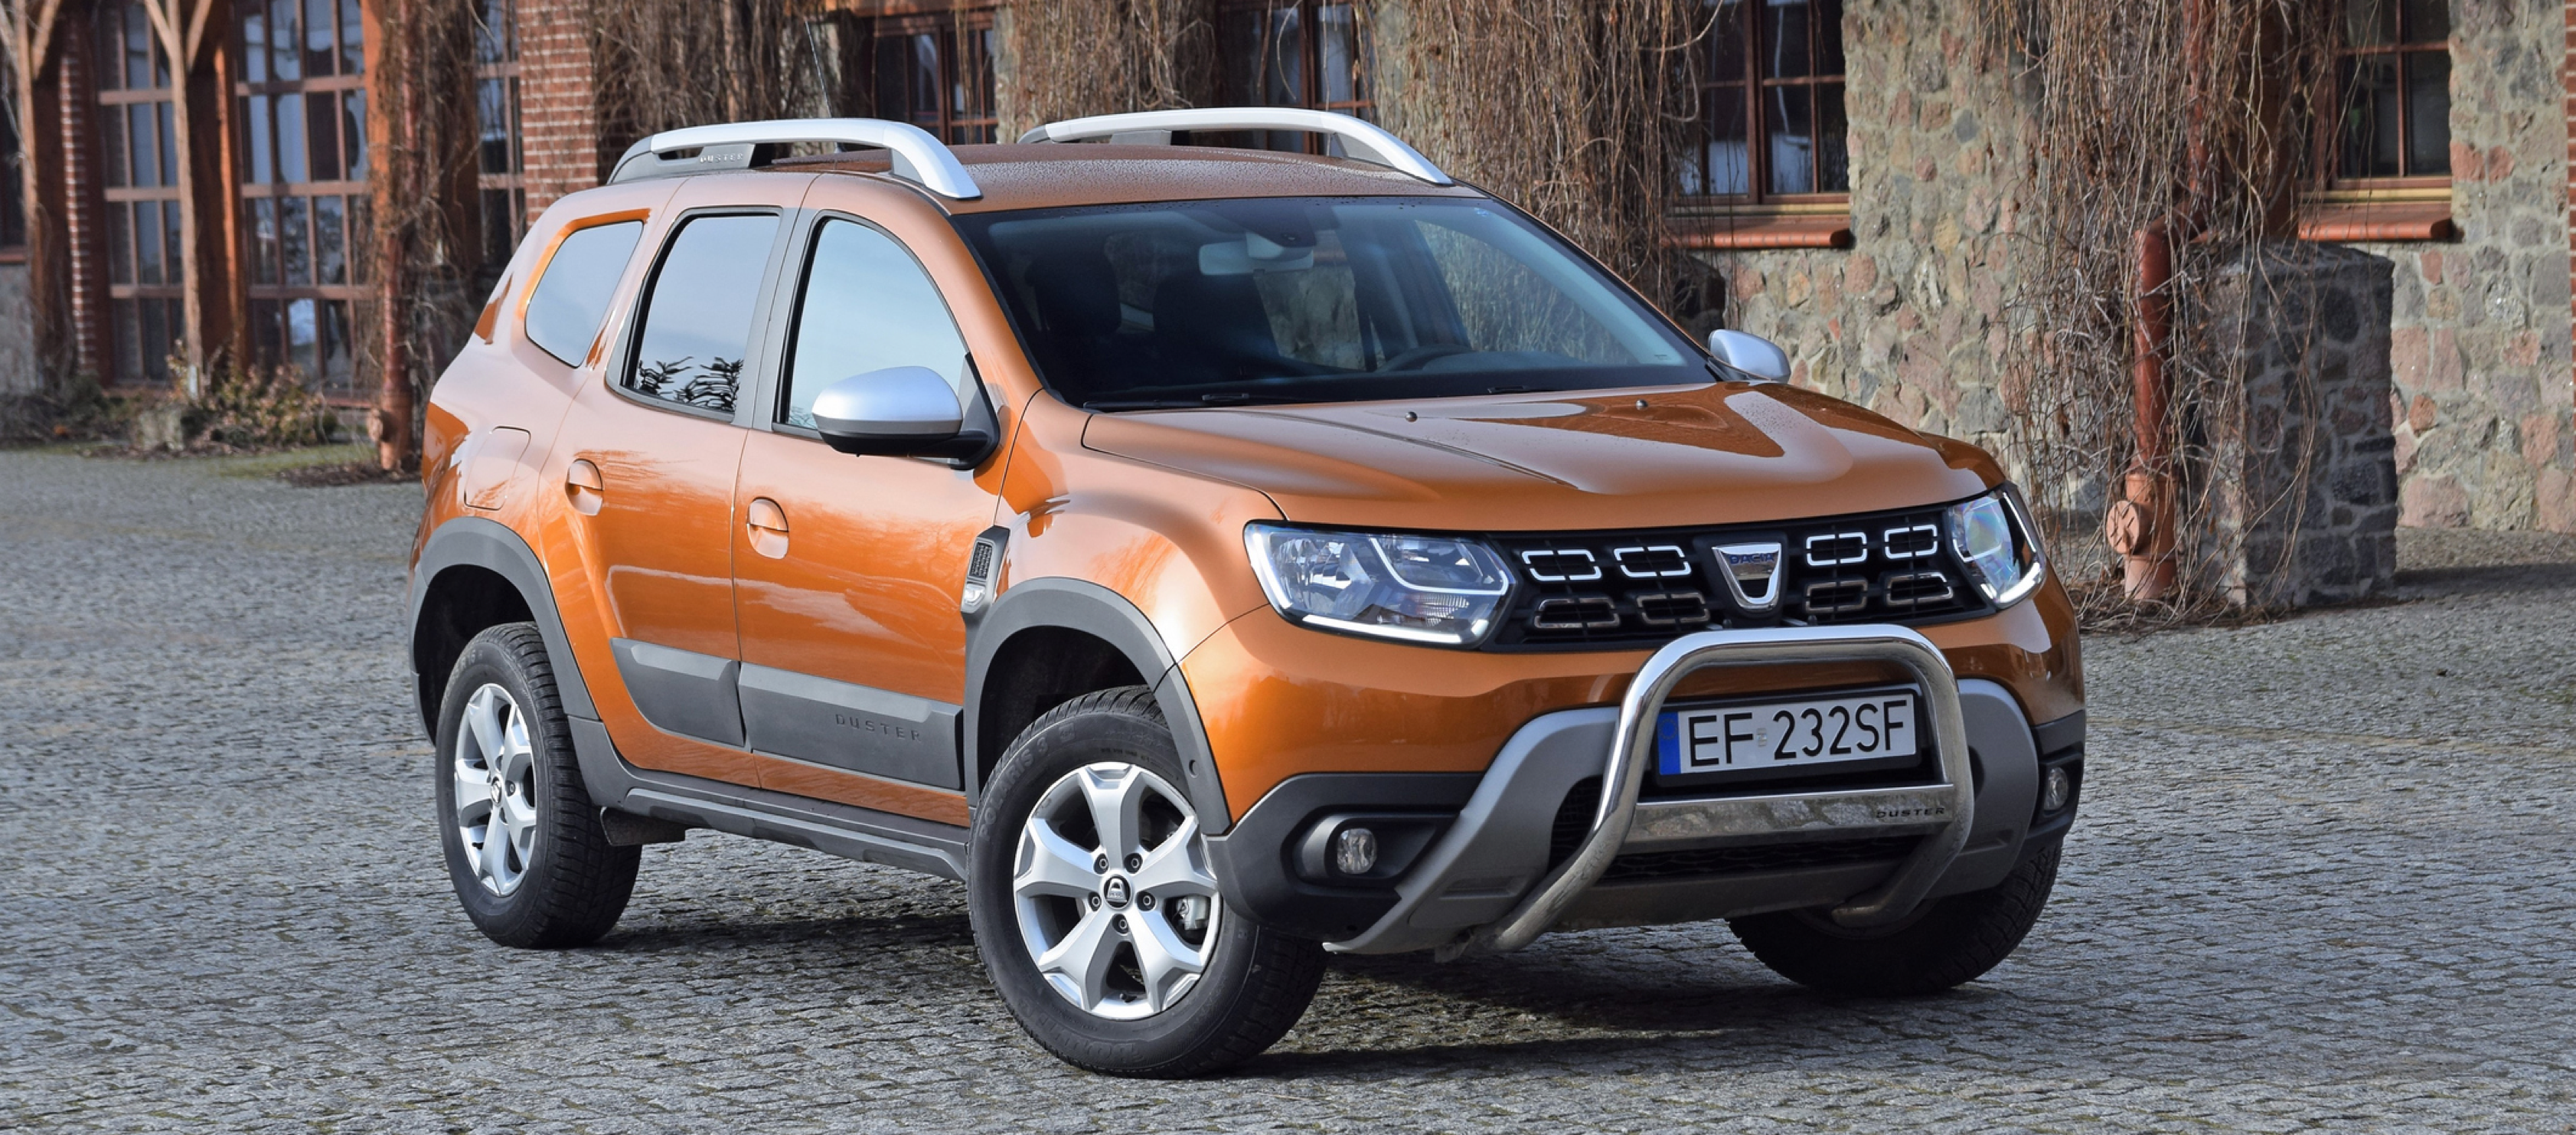 In categorie Dacia bedrijfswagens bestaat er maar 1 echte. Die wil jij leasen.